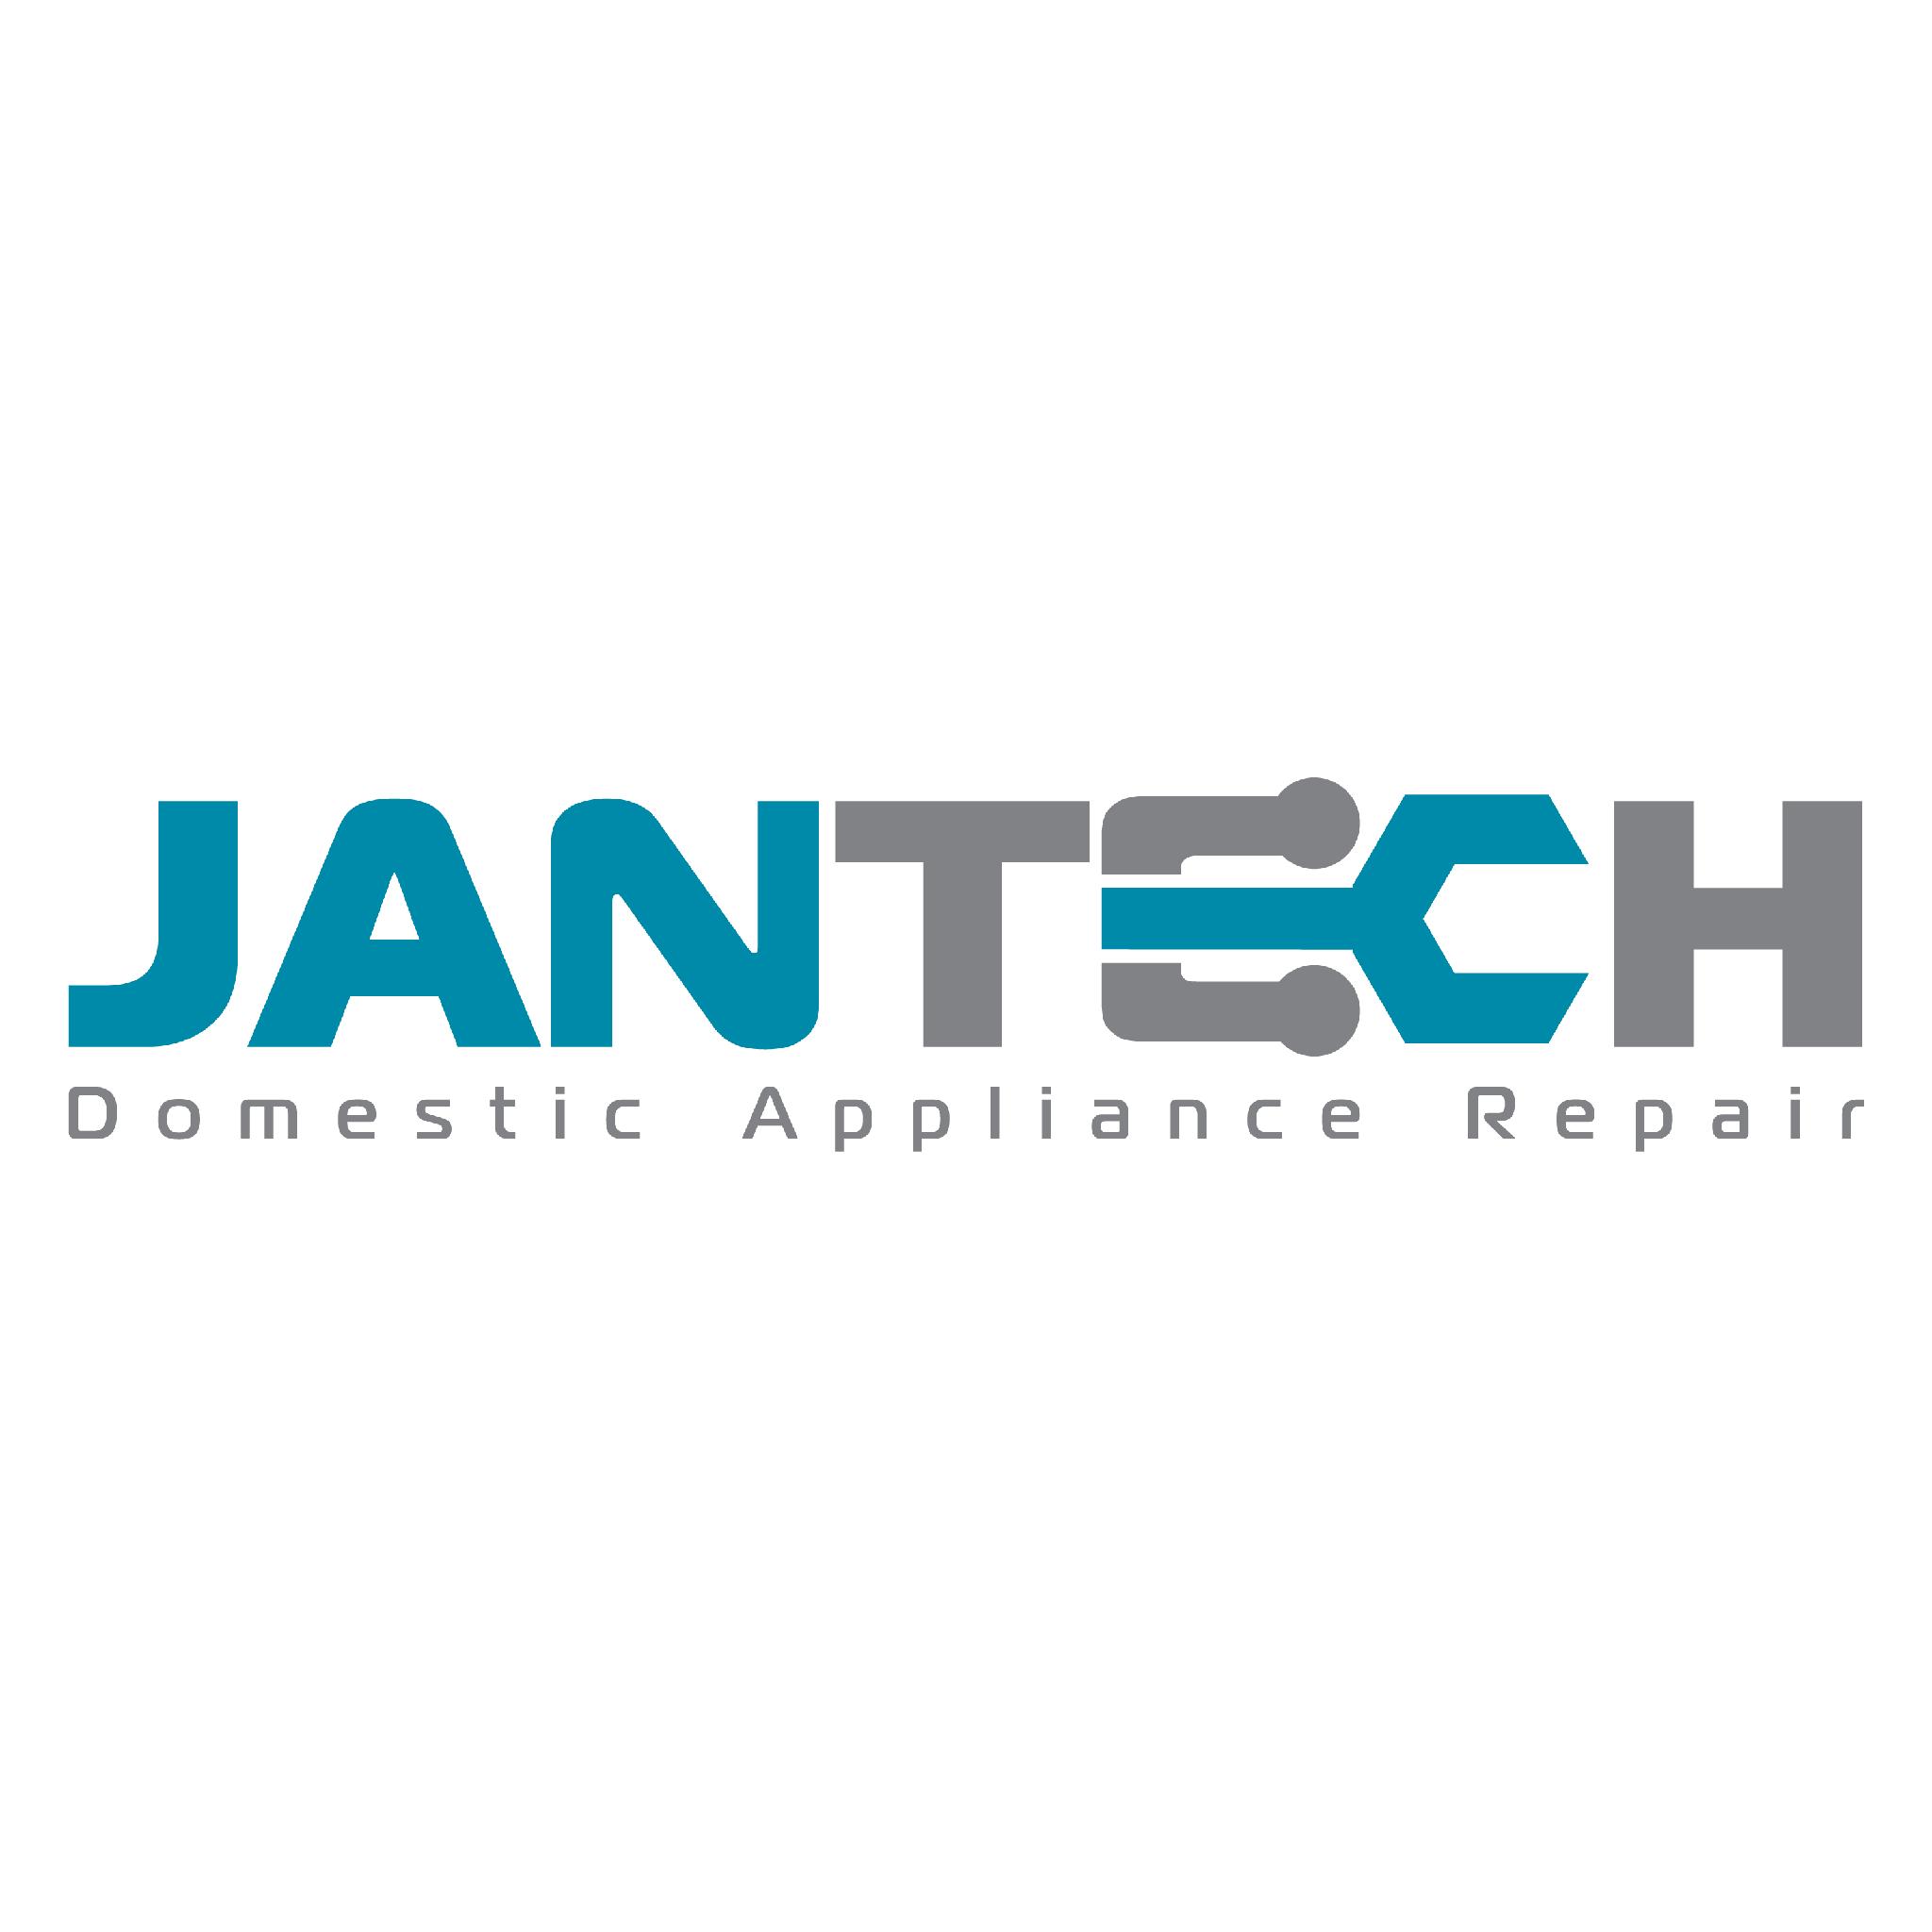 Jantech Domestic Appliance Repair Domestic Appliances